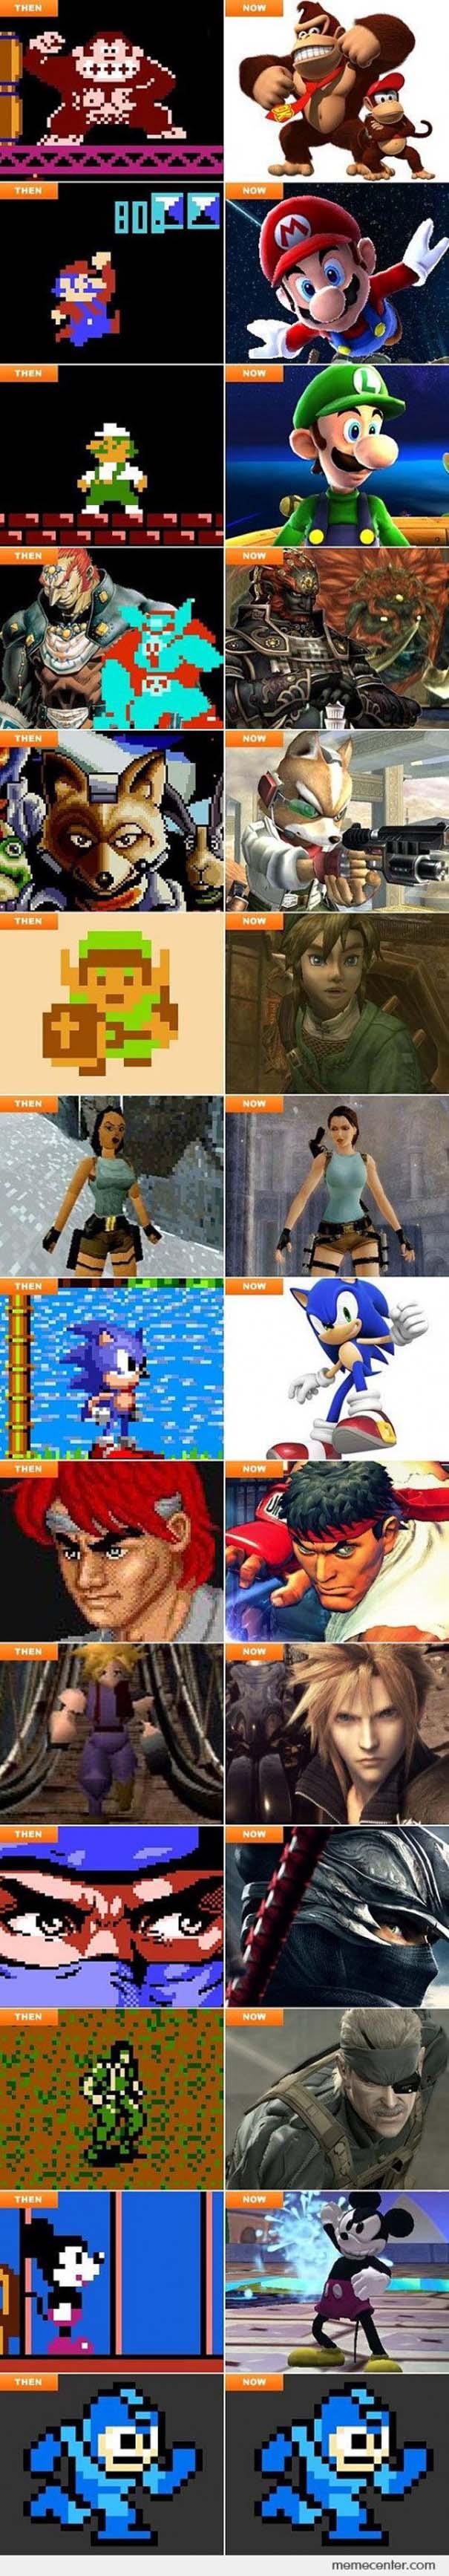 Χαρακτήρες από video games τότε και τώρα (2)